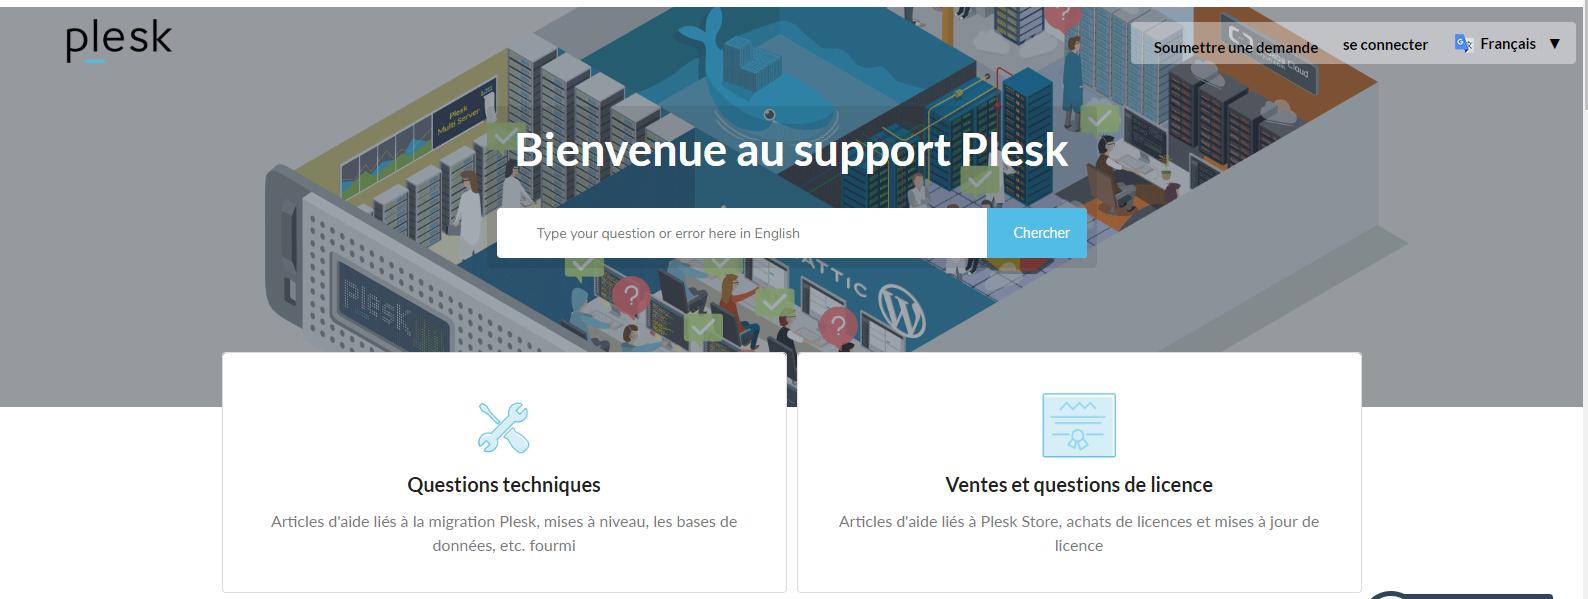 Centre d'Aide en ligne Plesk